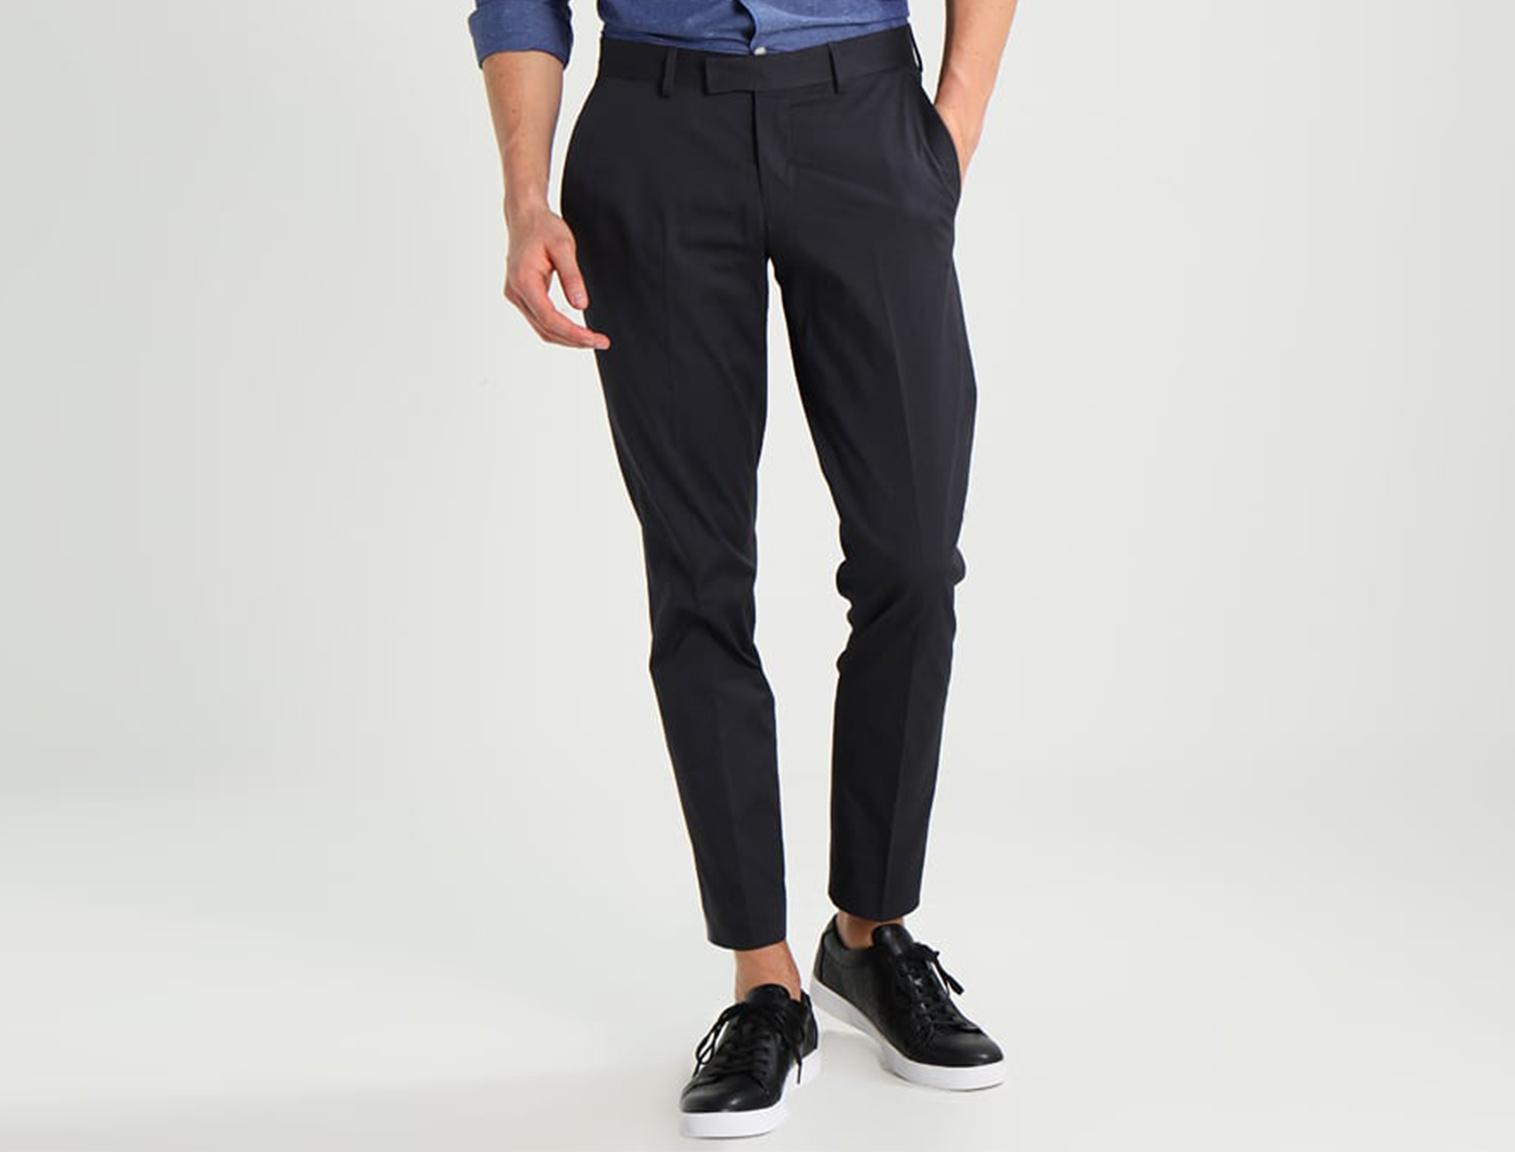 Zapatillas de vestir de hombre, negras